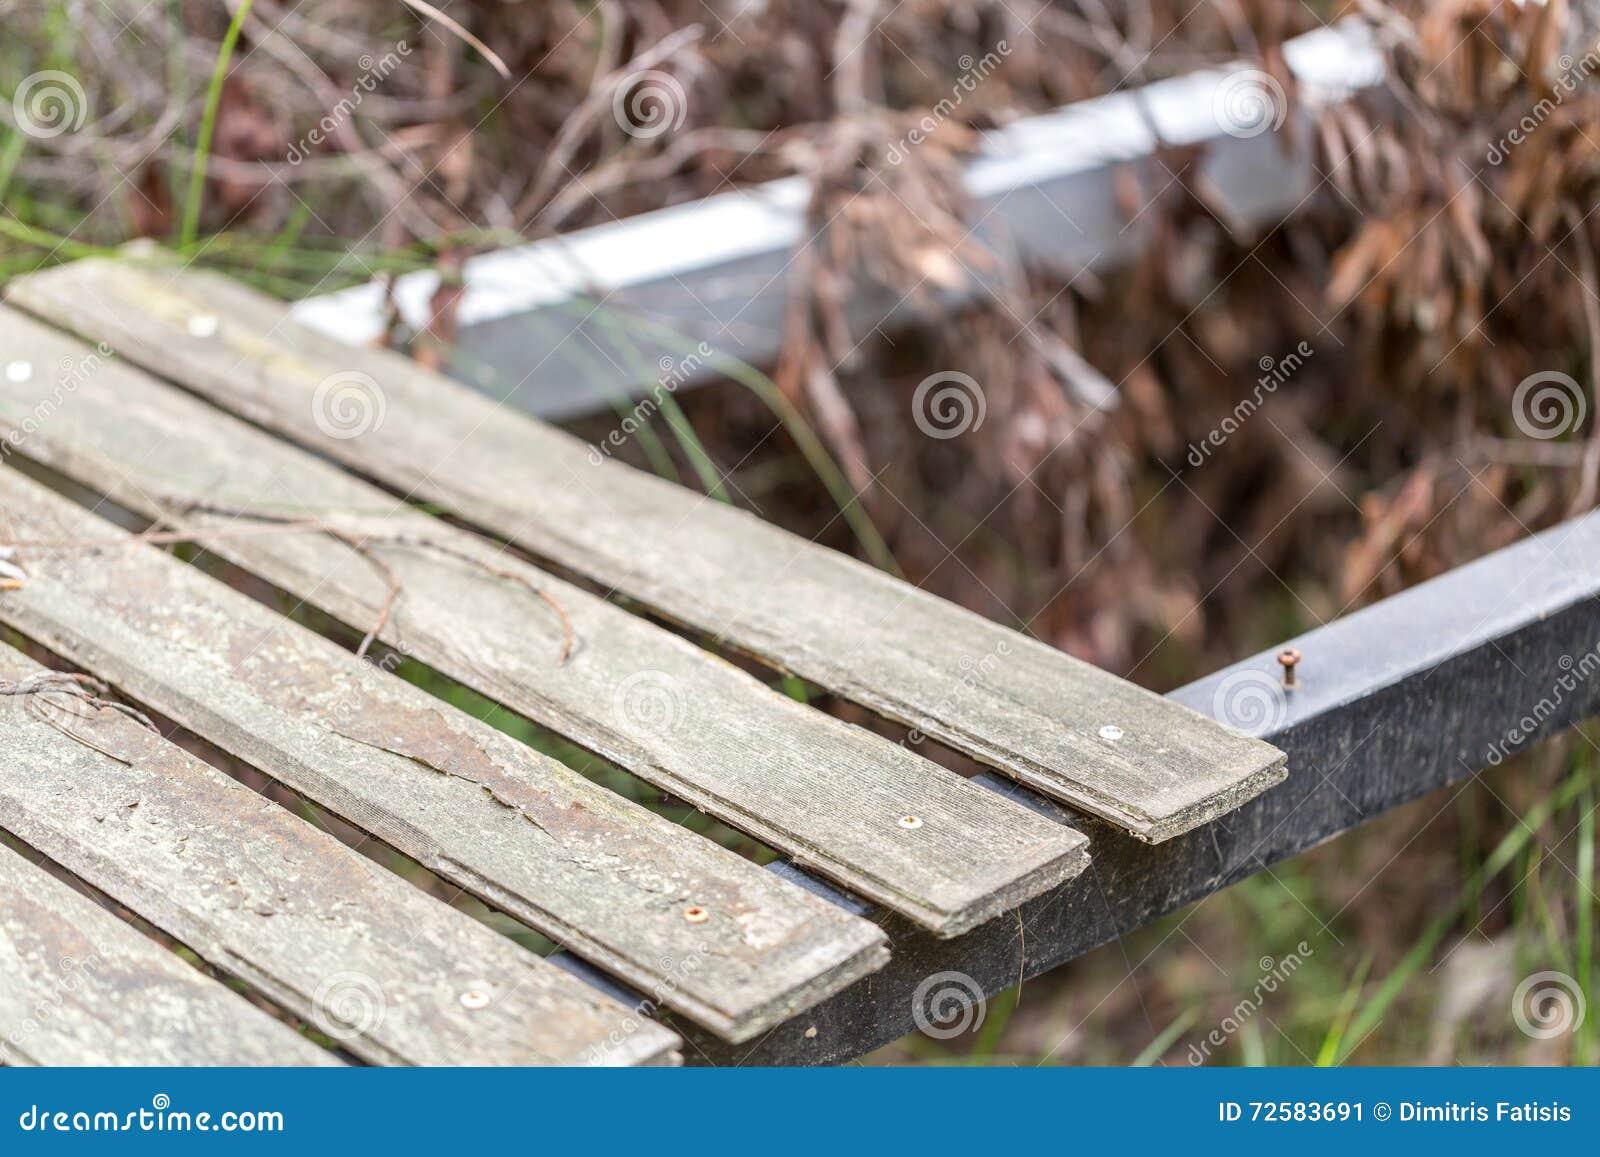 Escada de madeira horizontal colocado